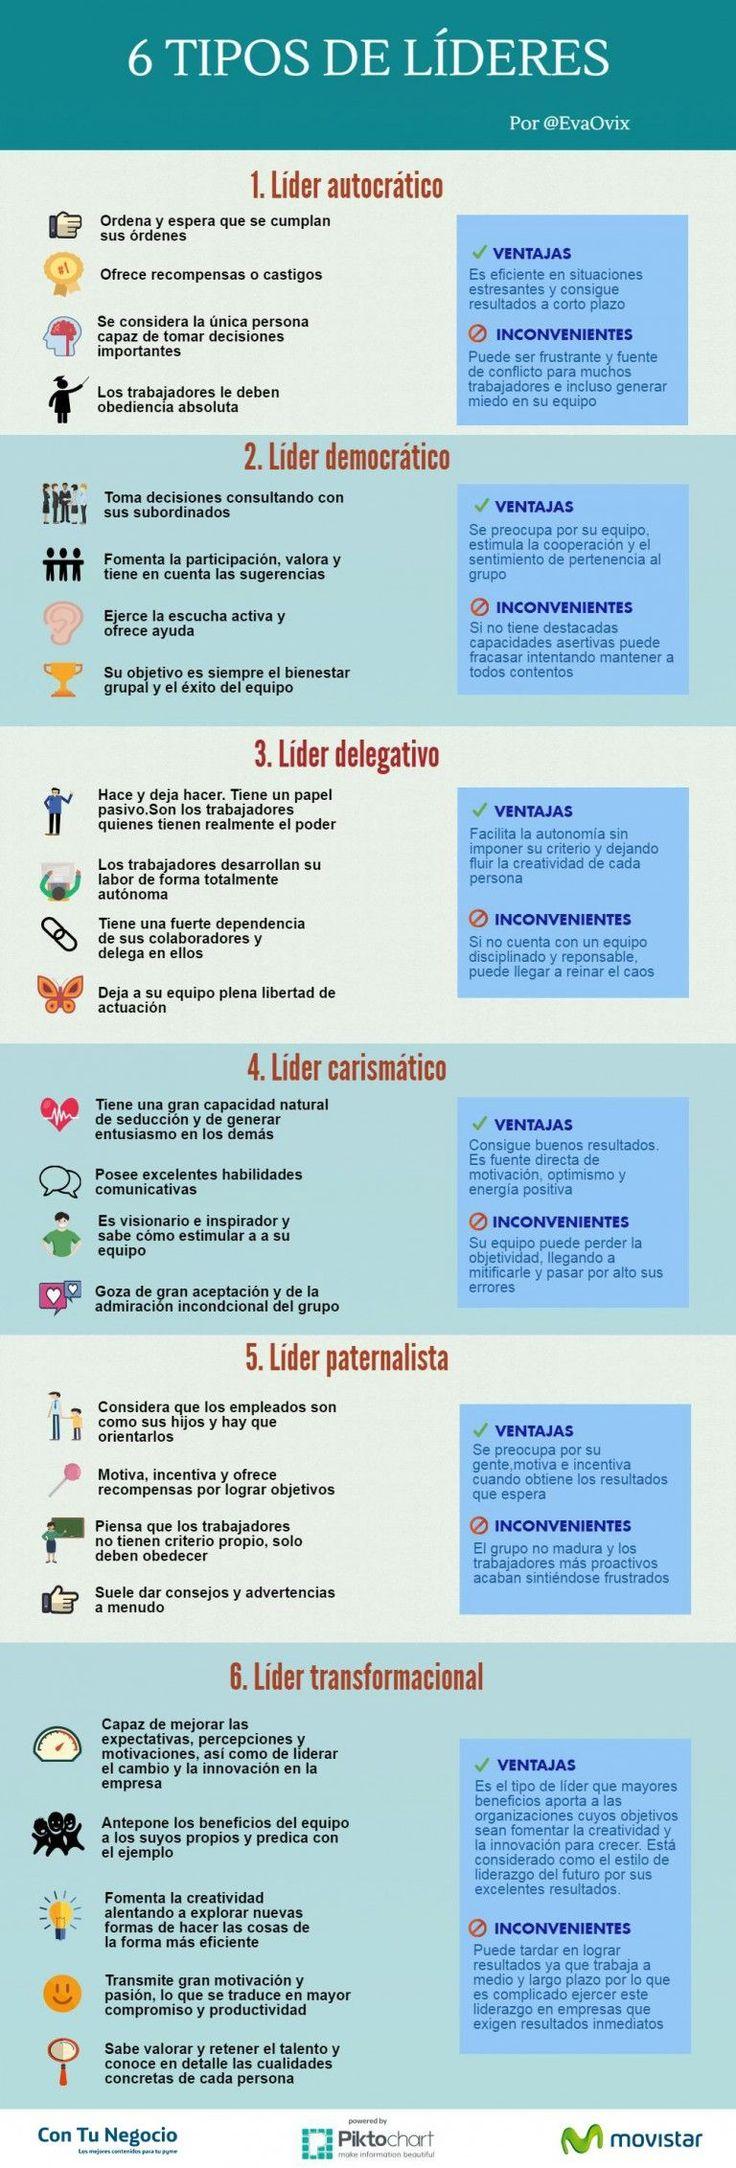 Infografia-tipos-de-líderes.jpg (768×2263)